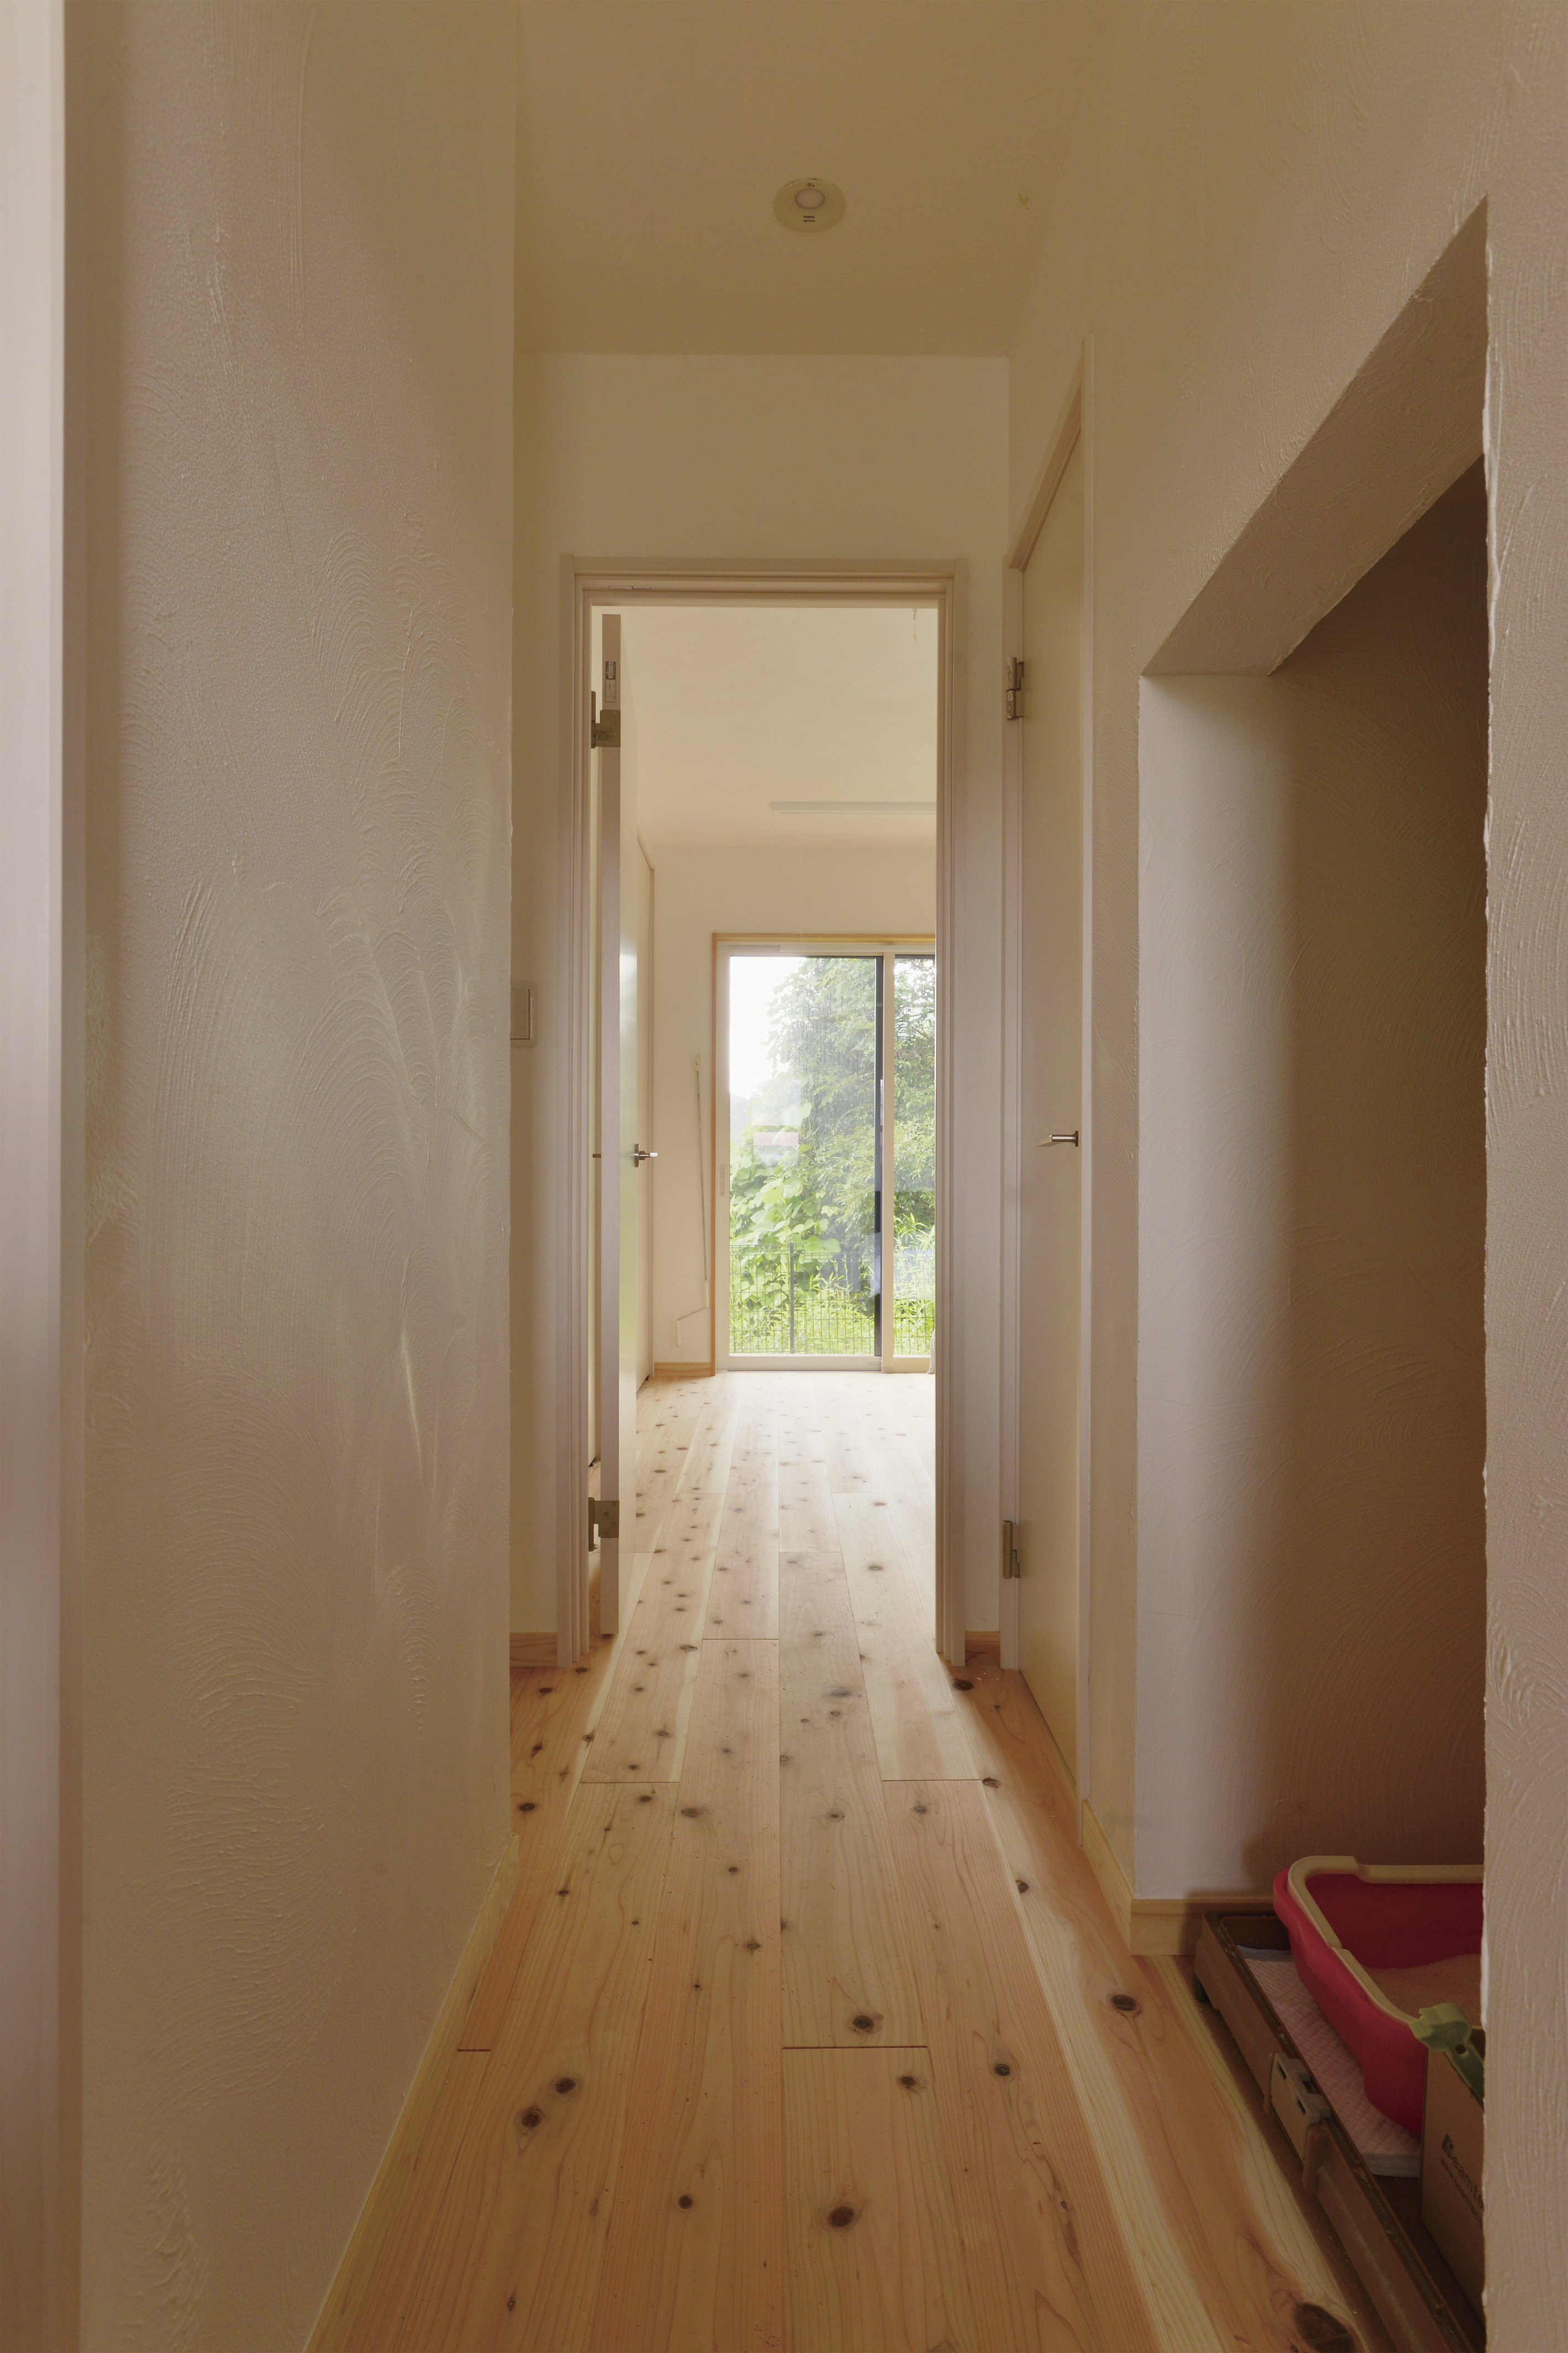 寝室まで一直線に続く廊下も無垢の床材